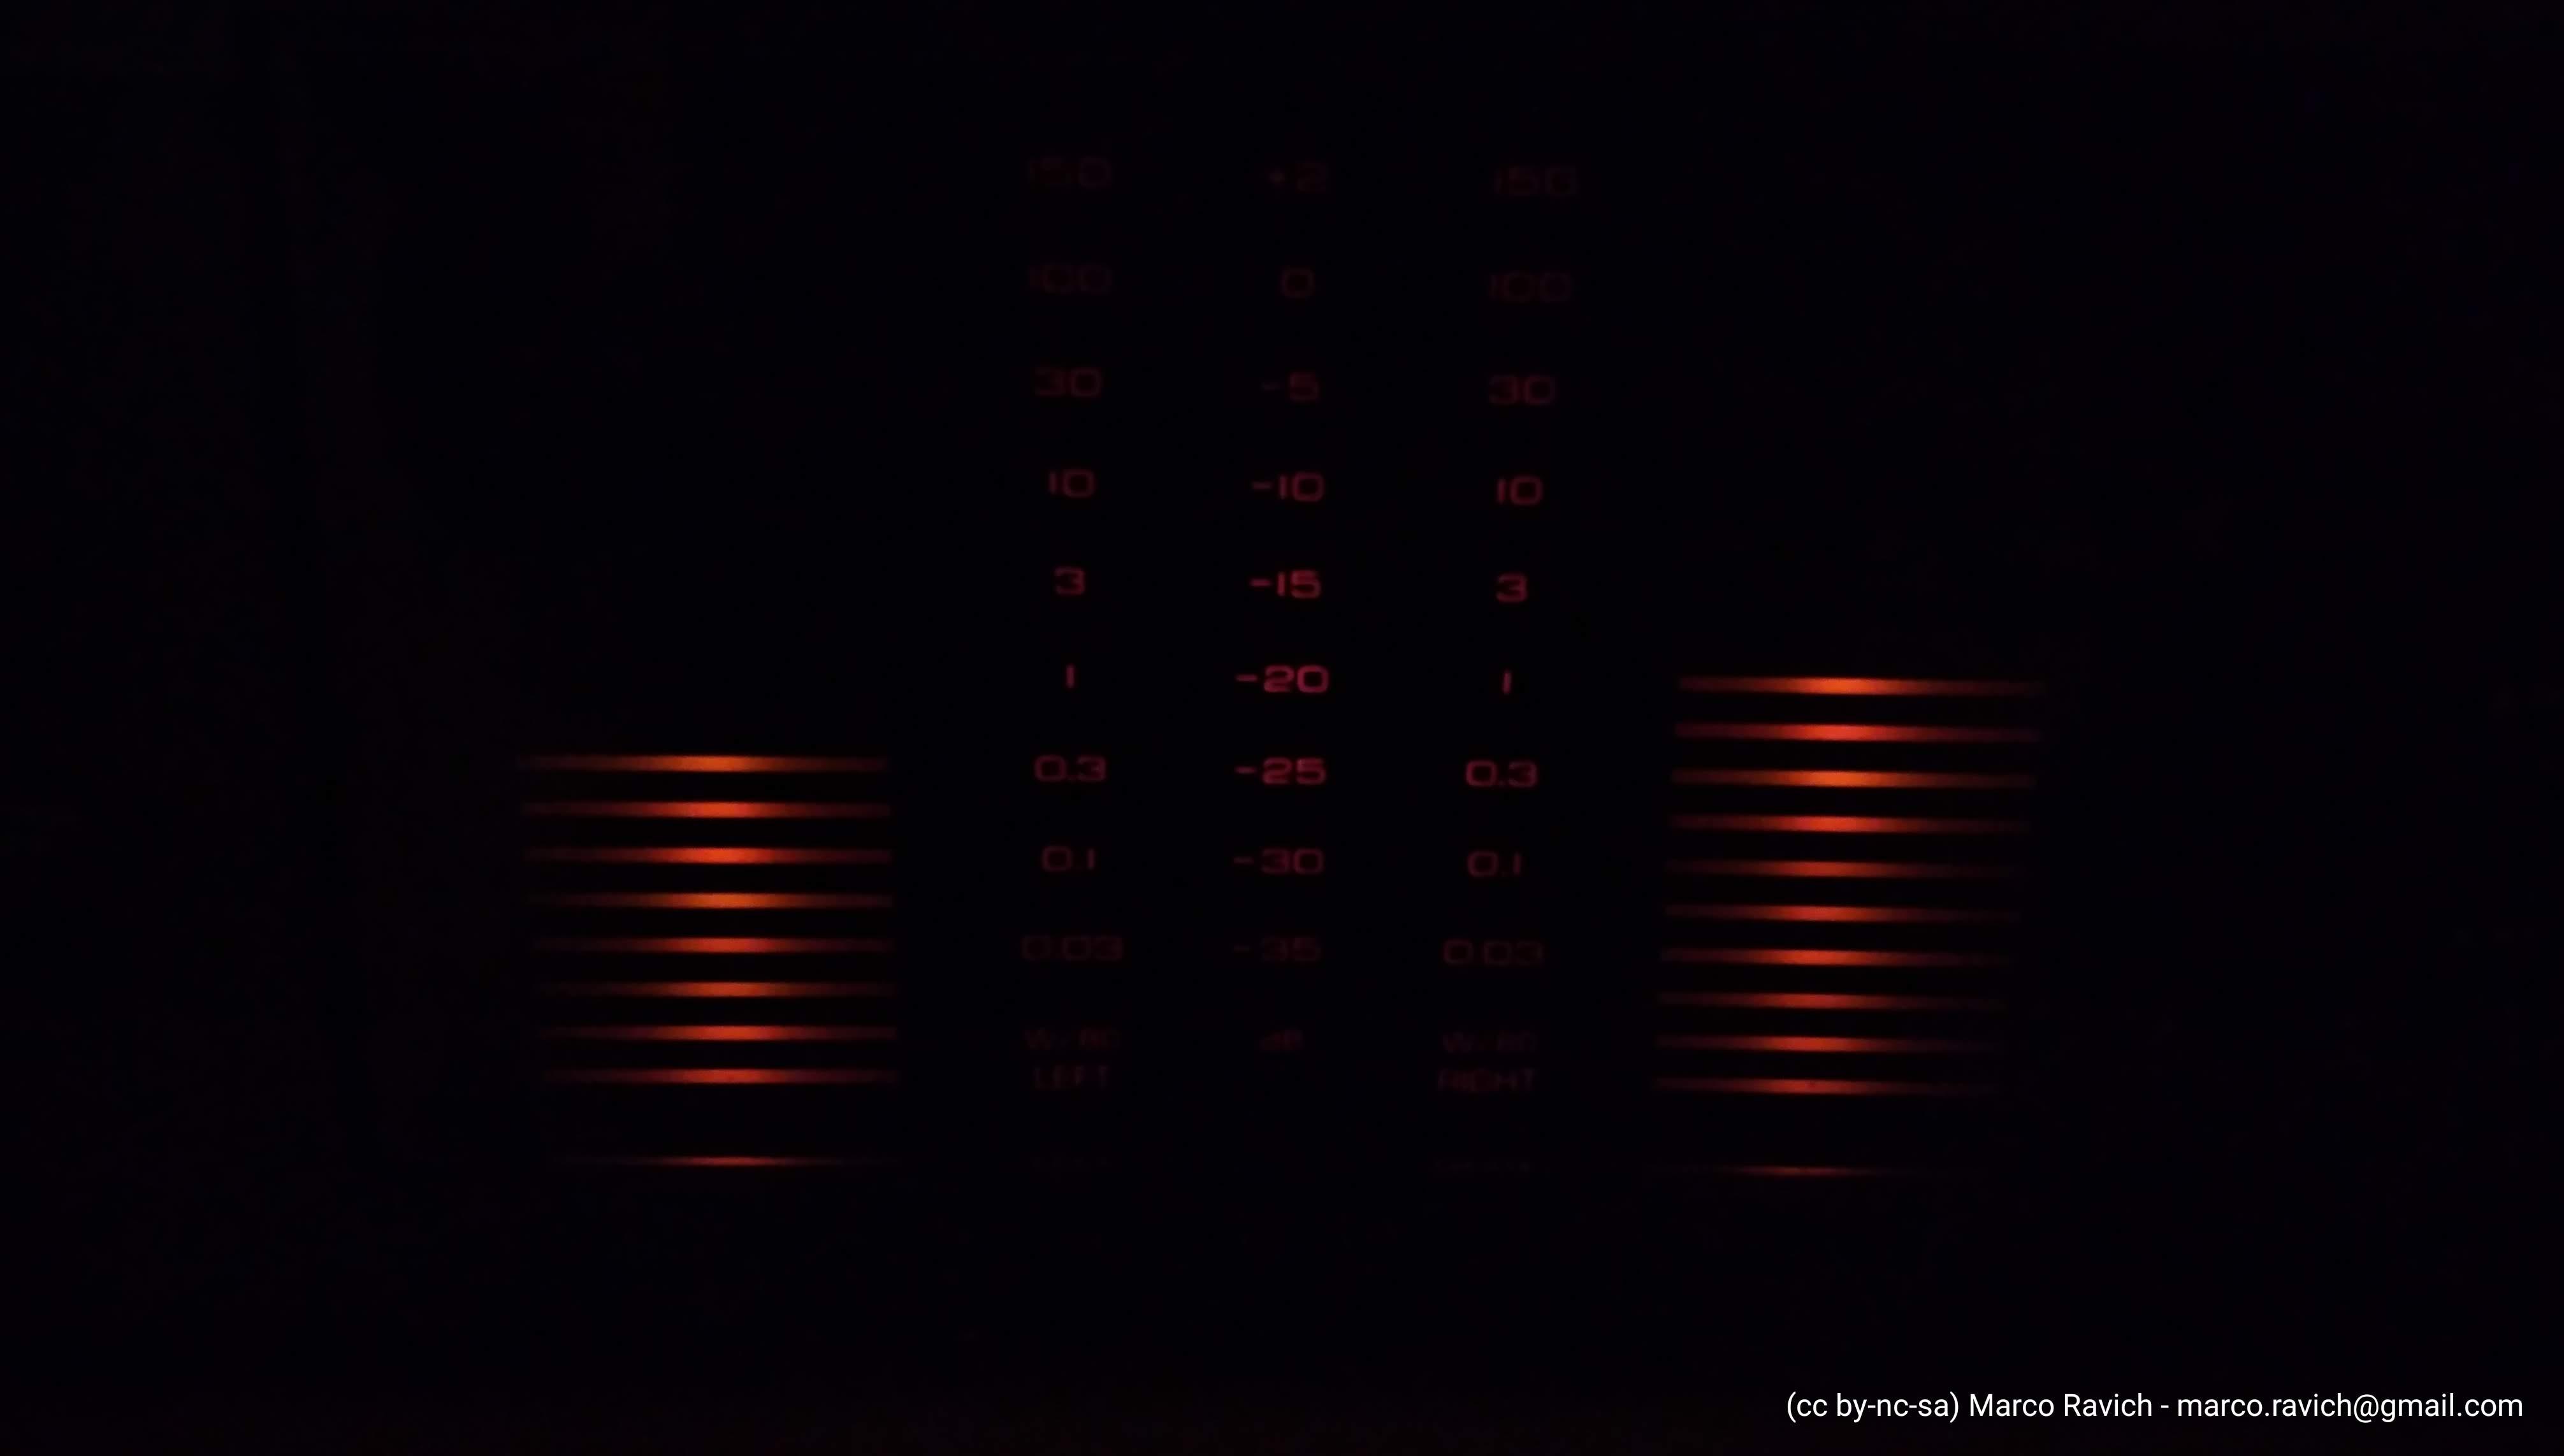 [HELP] Bypassare potenziometri su Yamaha M-50 Meter